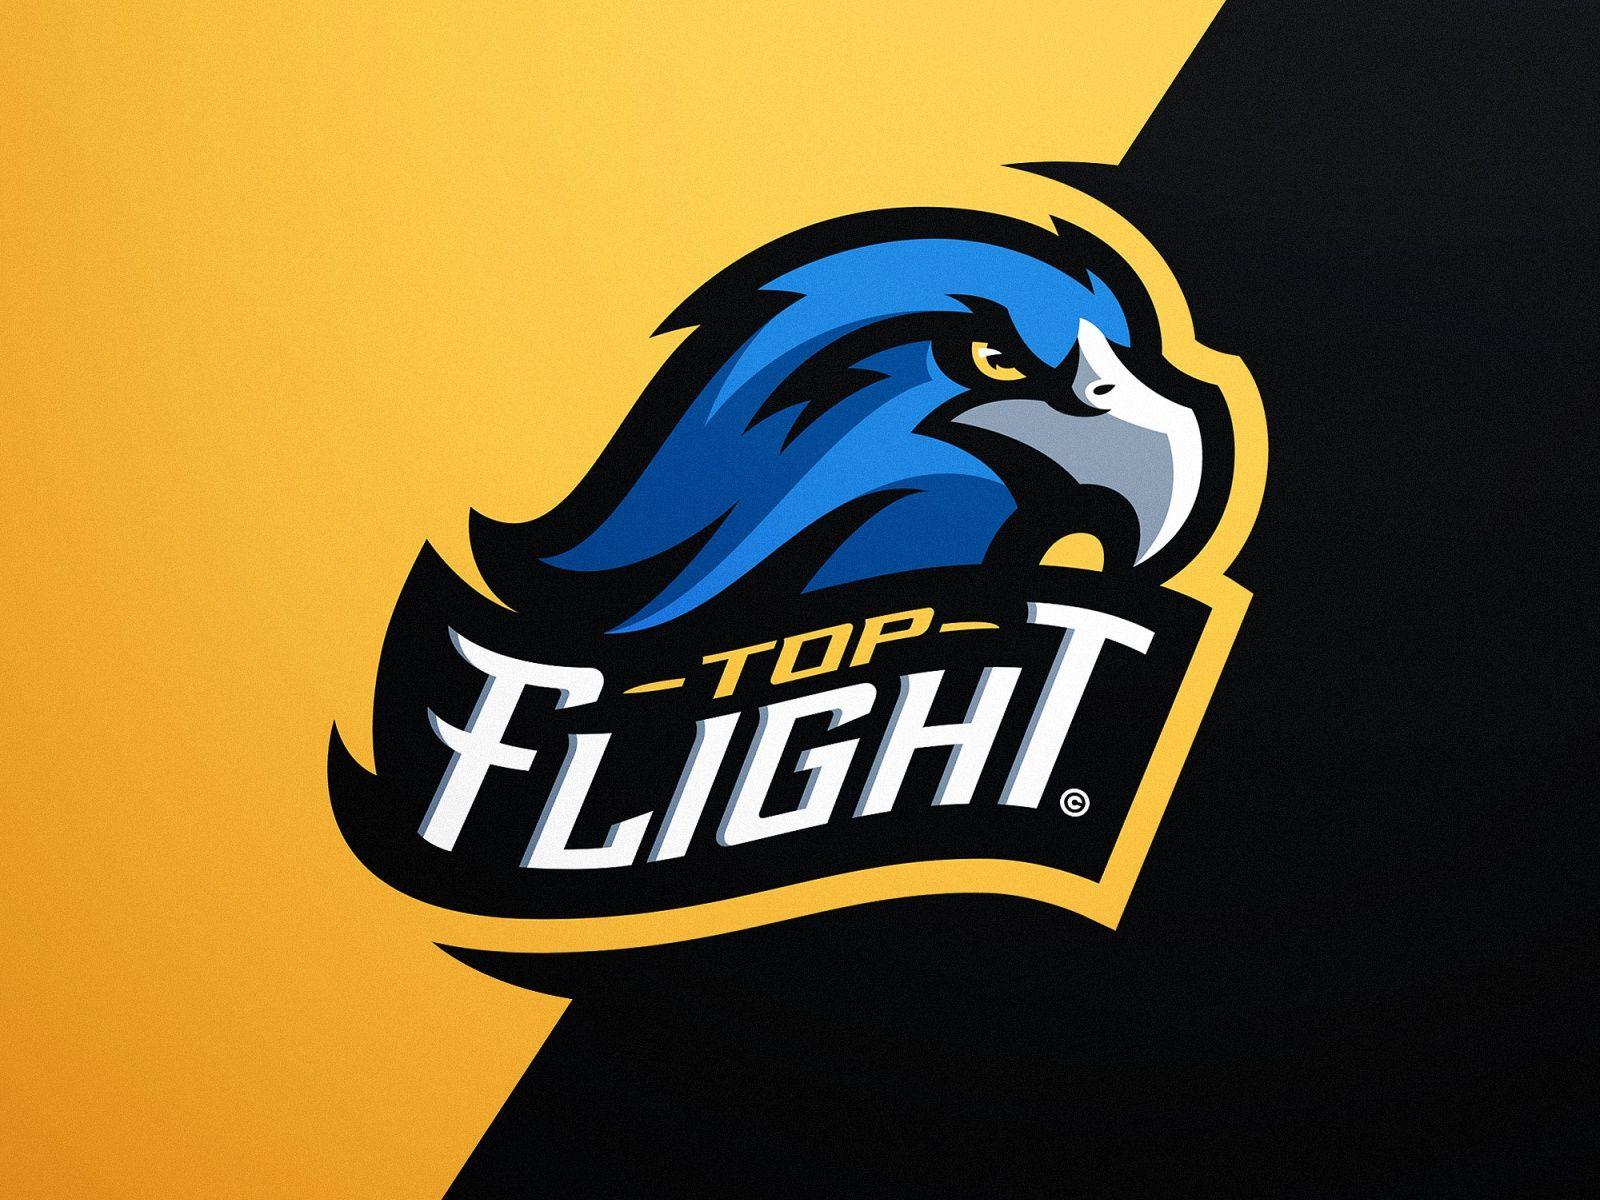 logo top flight